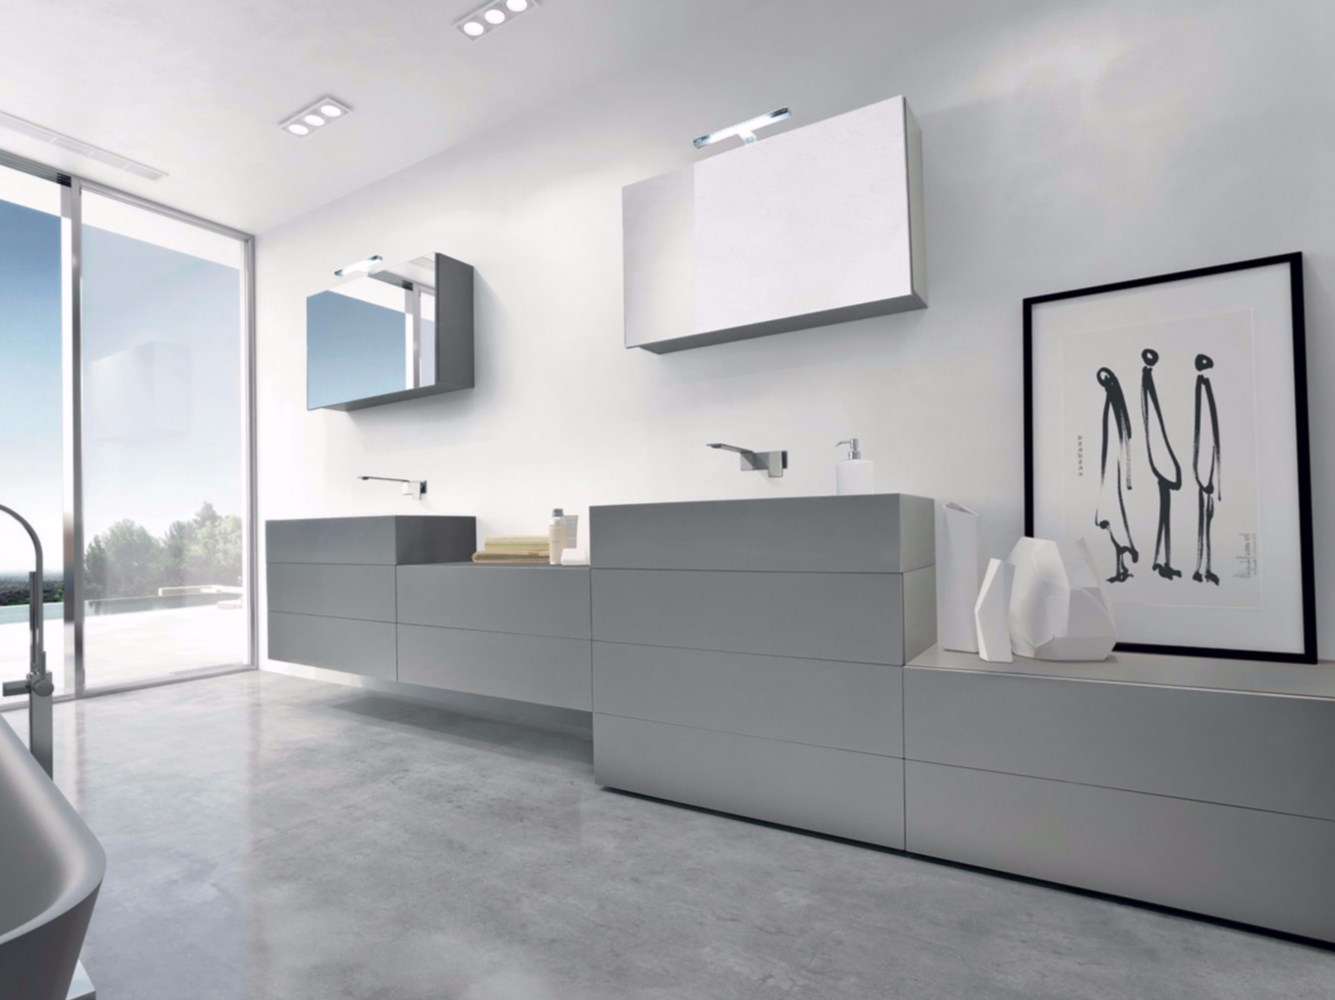 Meuble sous vasque composable double avec tiroirs syn 01 for Meubles sous vasque